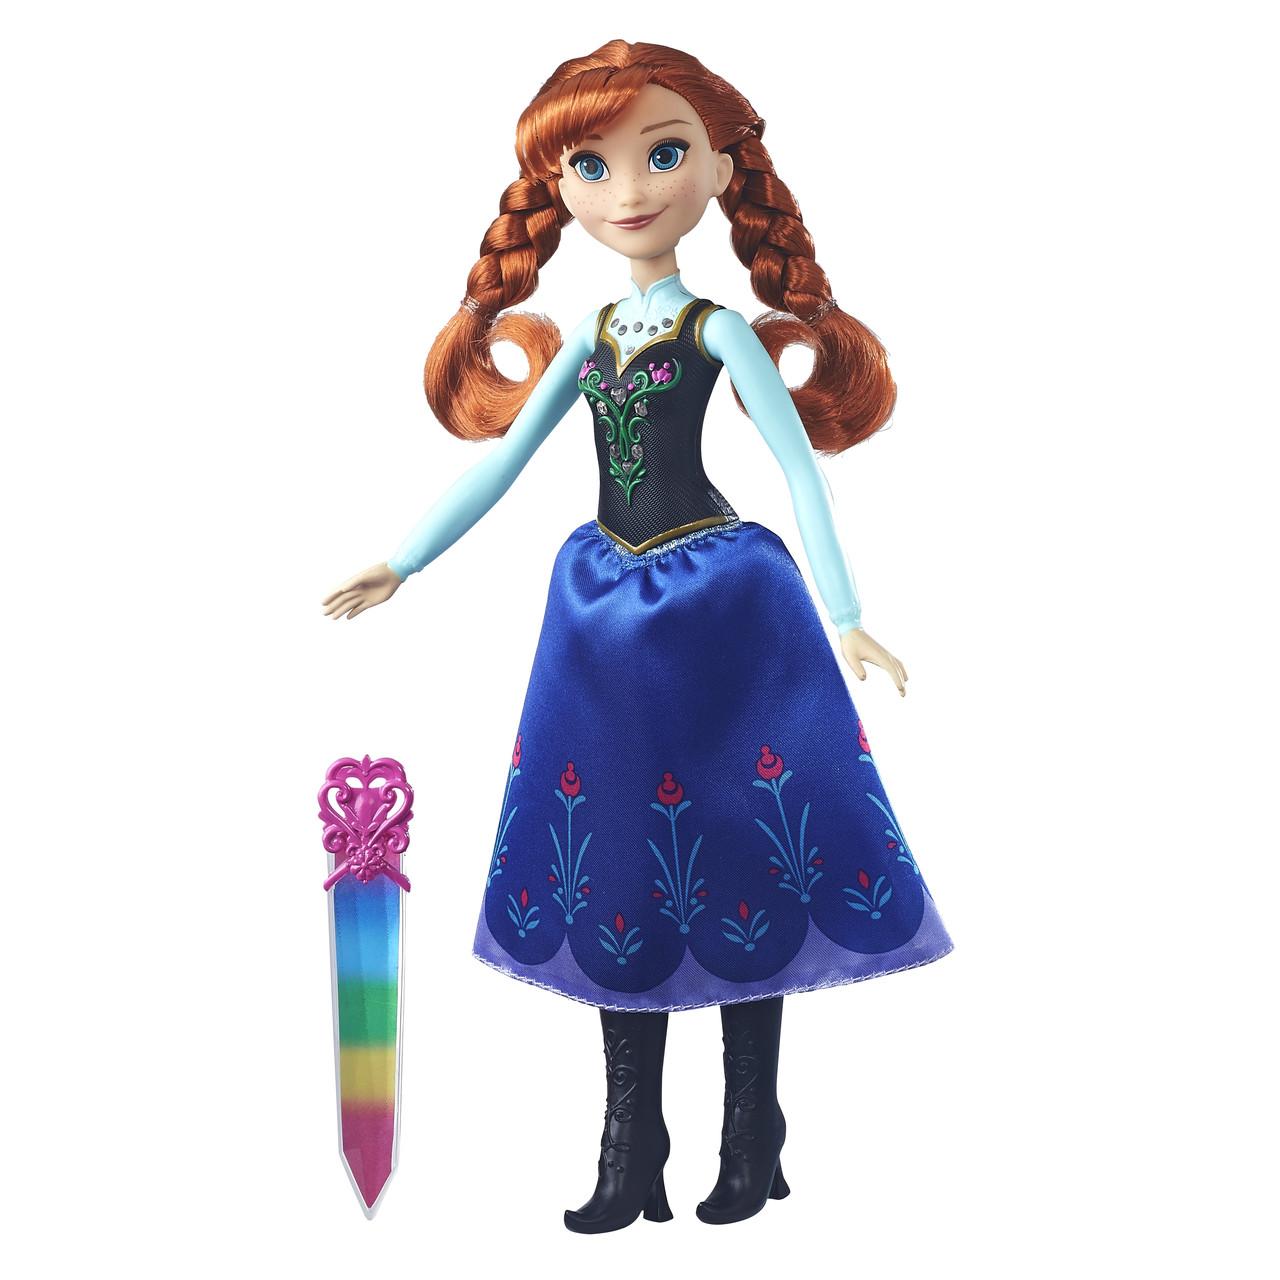 Куклы и пупсы «Disney Frozen» (B6162_B6164) модная кукла Анна (Anna) в сияющем наряде